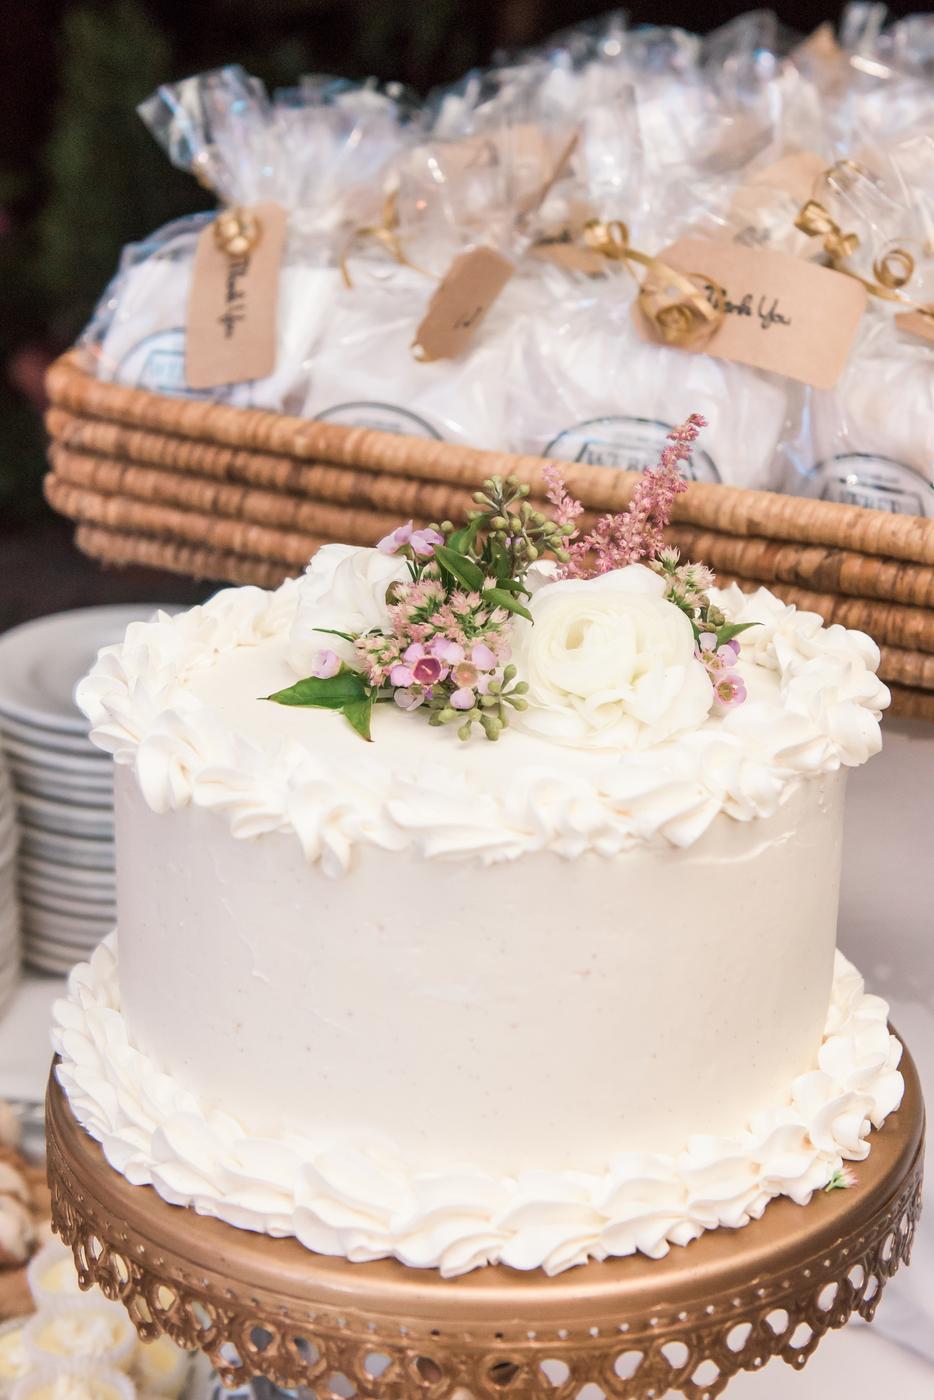 149-0775-jse-wedding-baltimore-5547